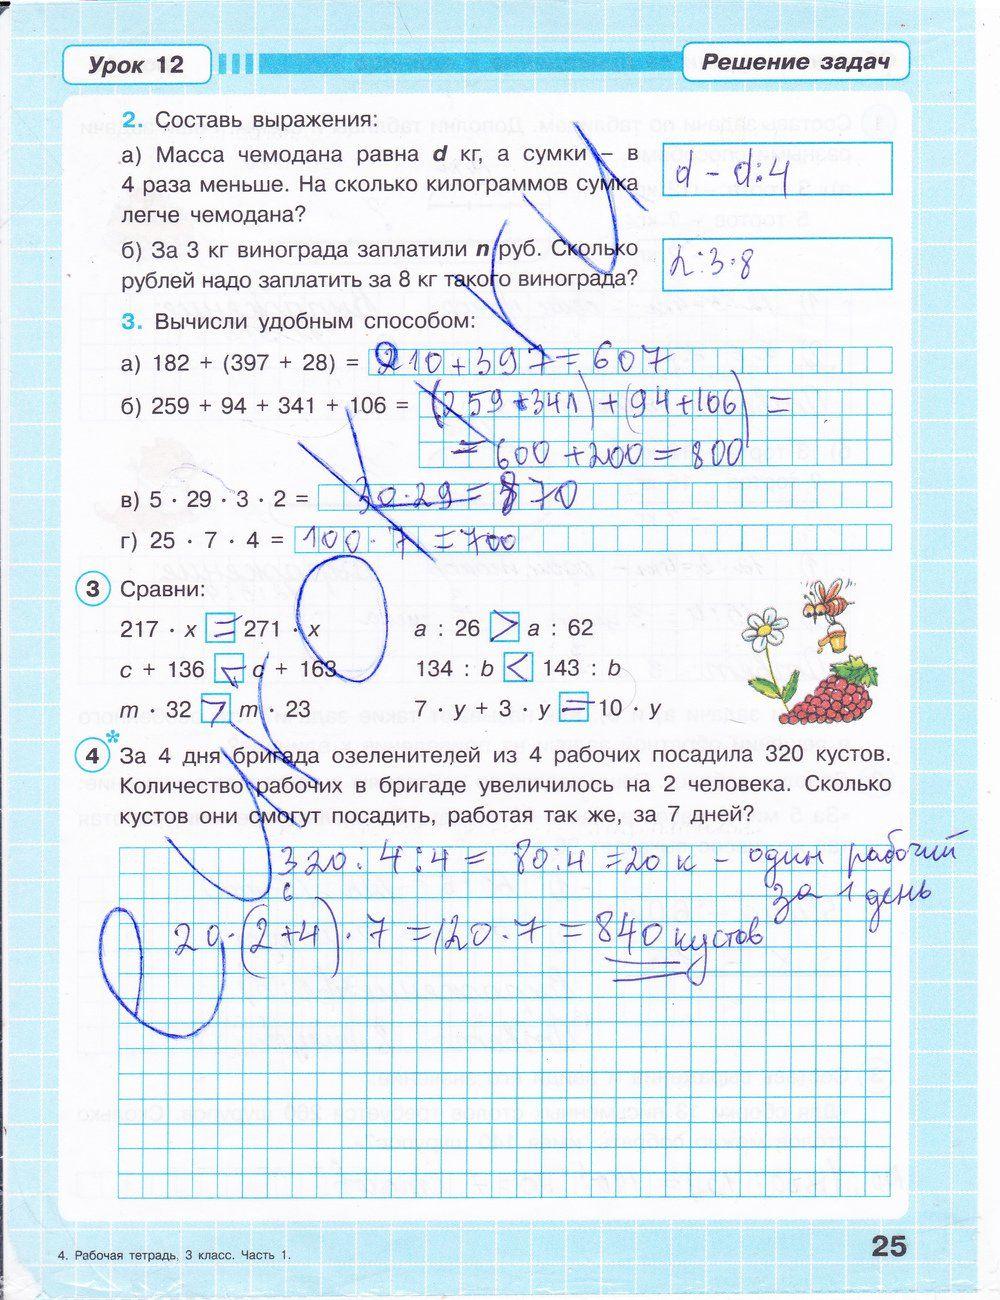 Задача по математике 3 класс 259 гармония